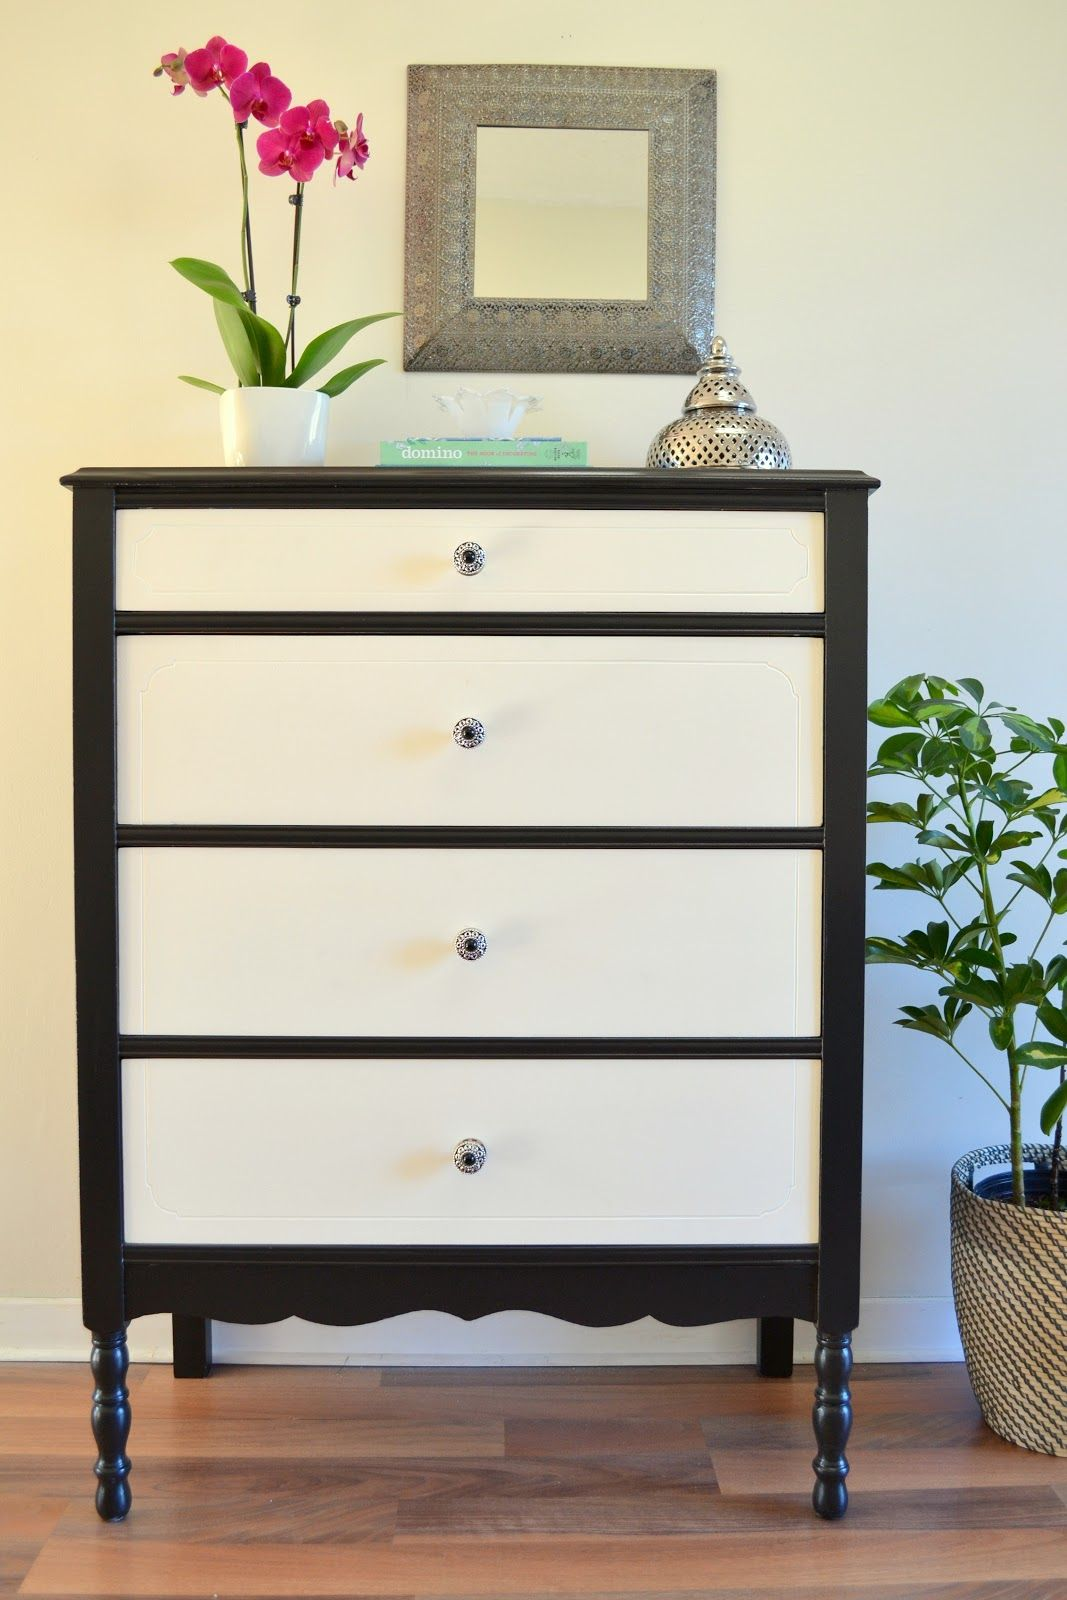 Black And White Dresser Black Body White Drawers Decorating Pinterest White Drawers Black